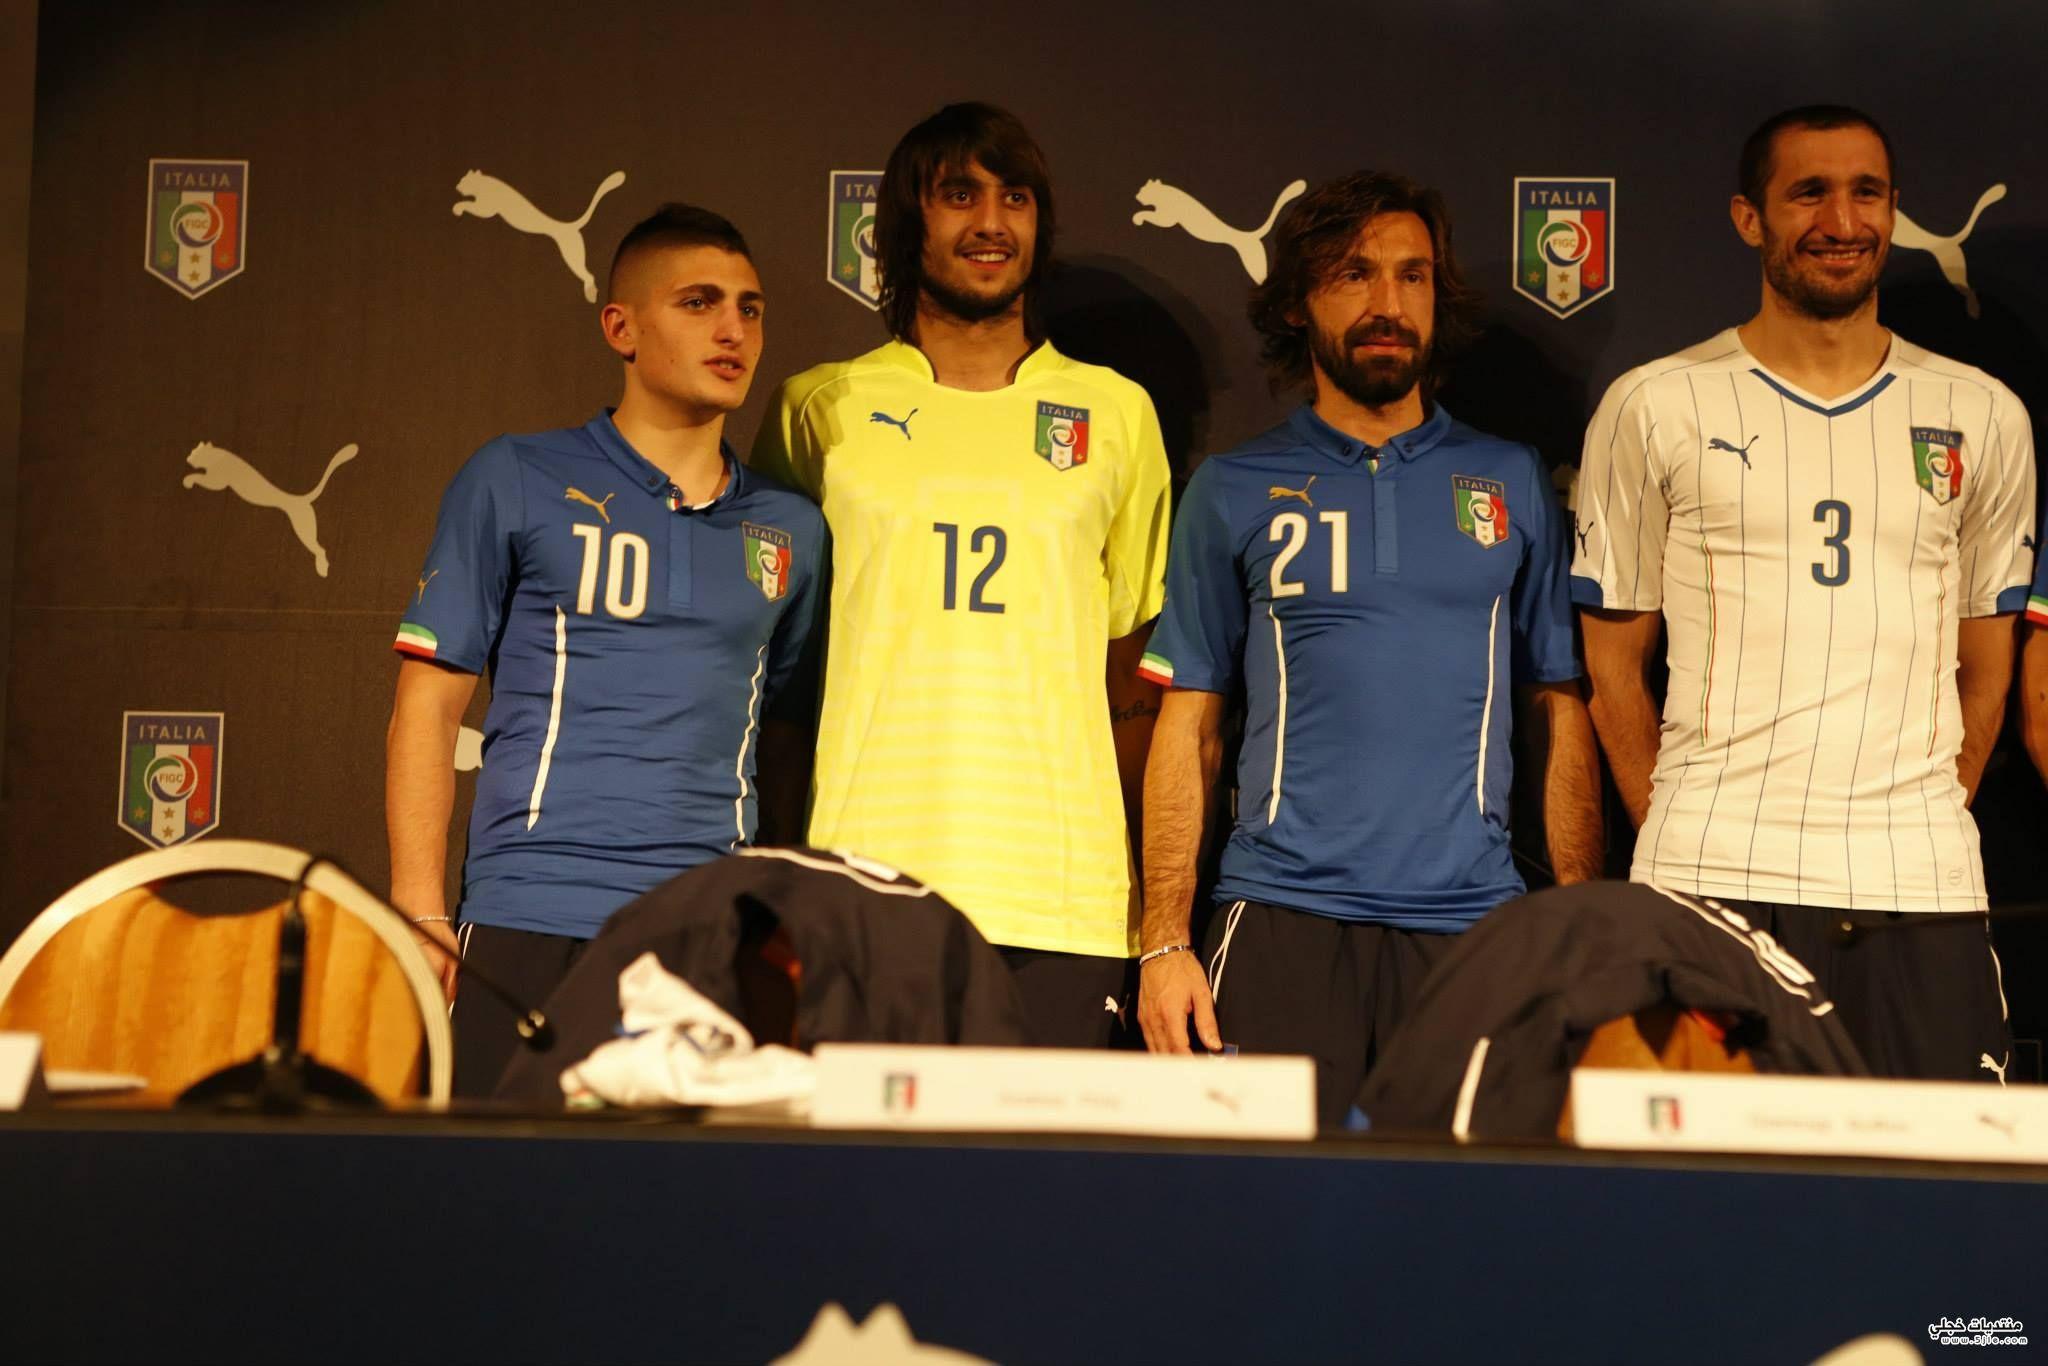 منتخب ايطاليا العالم 2014 منتخب